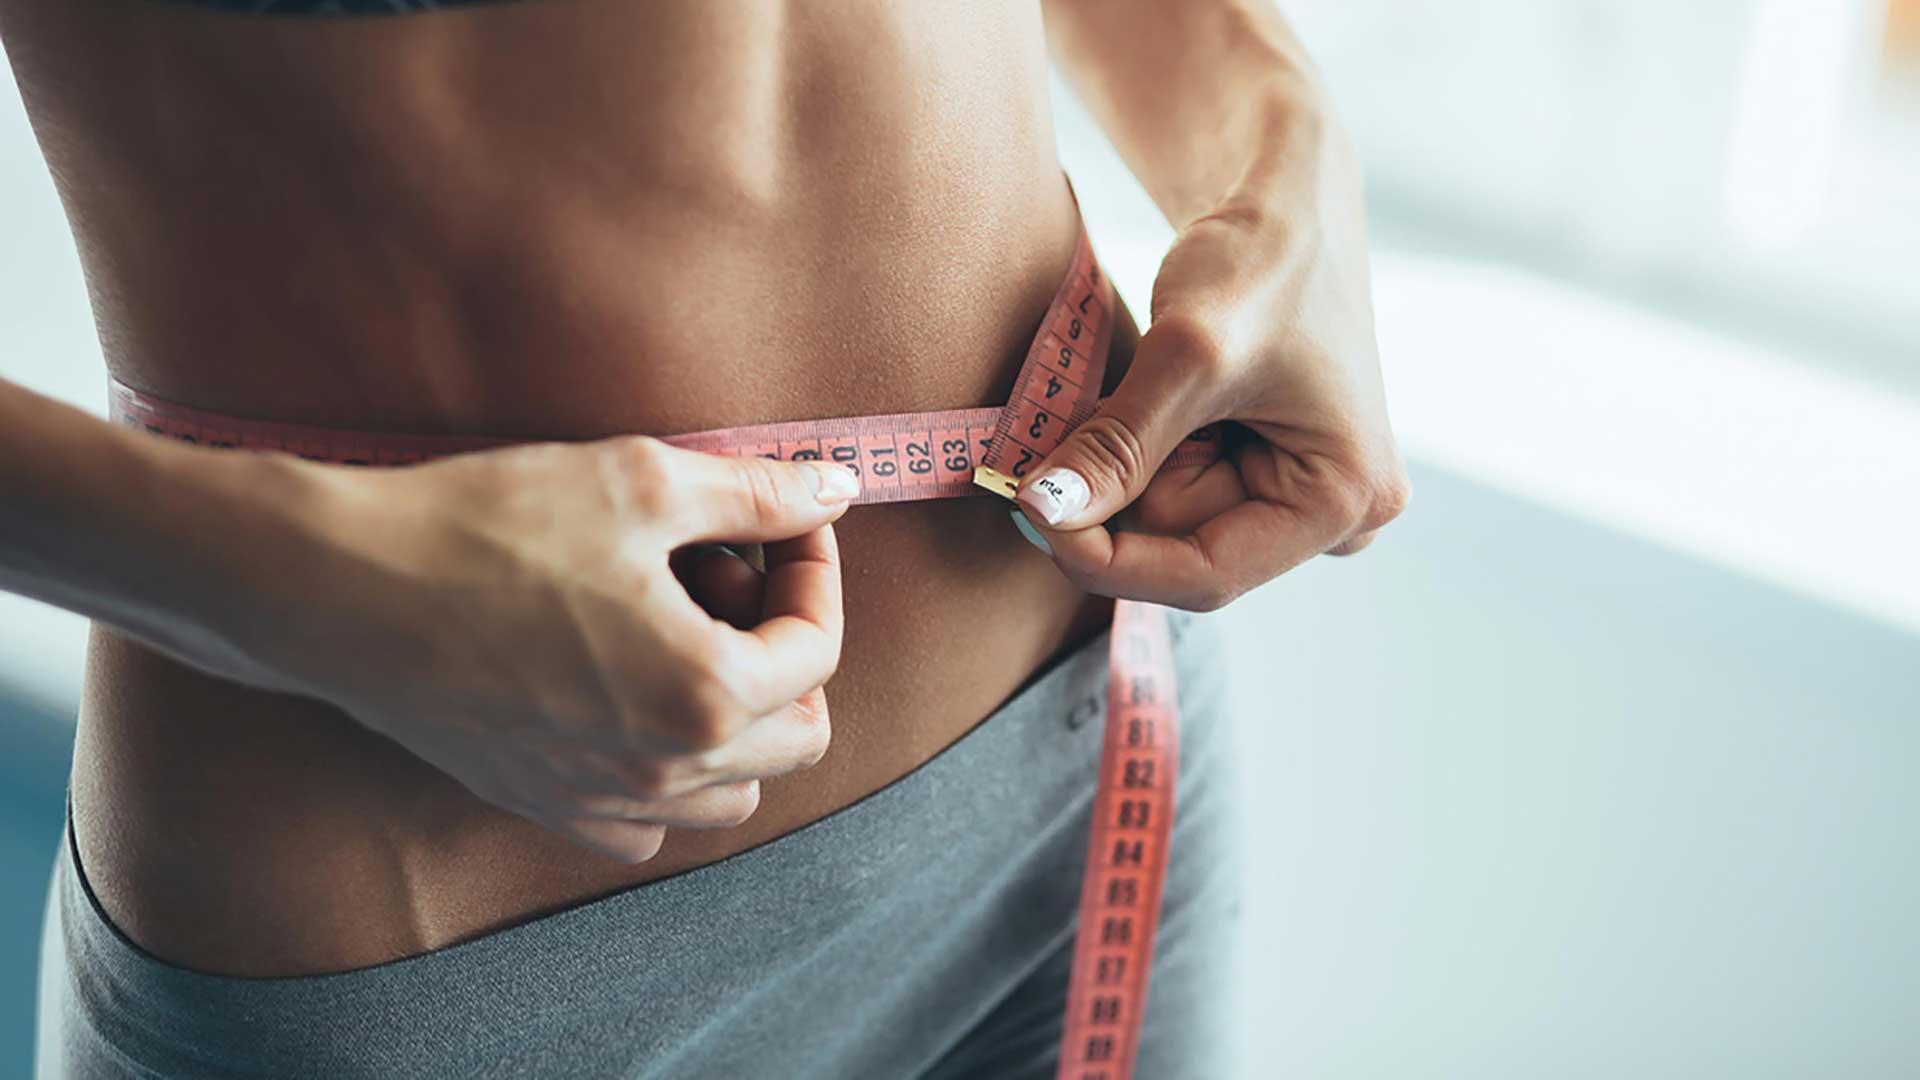 Как похудеть правильно. Три лучших совета.